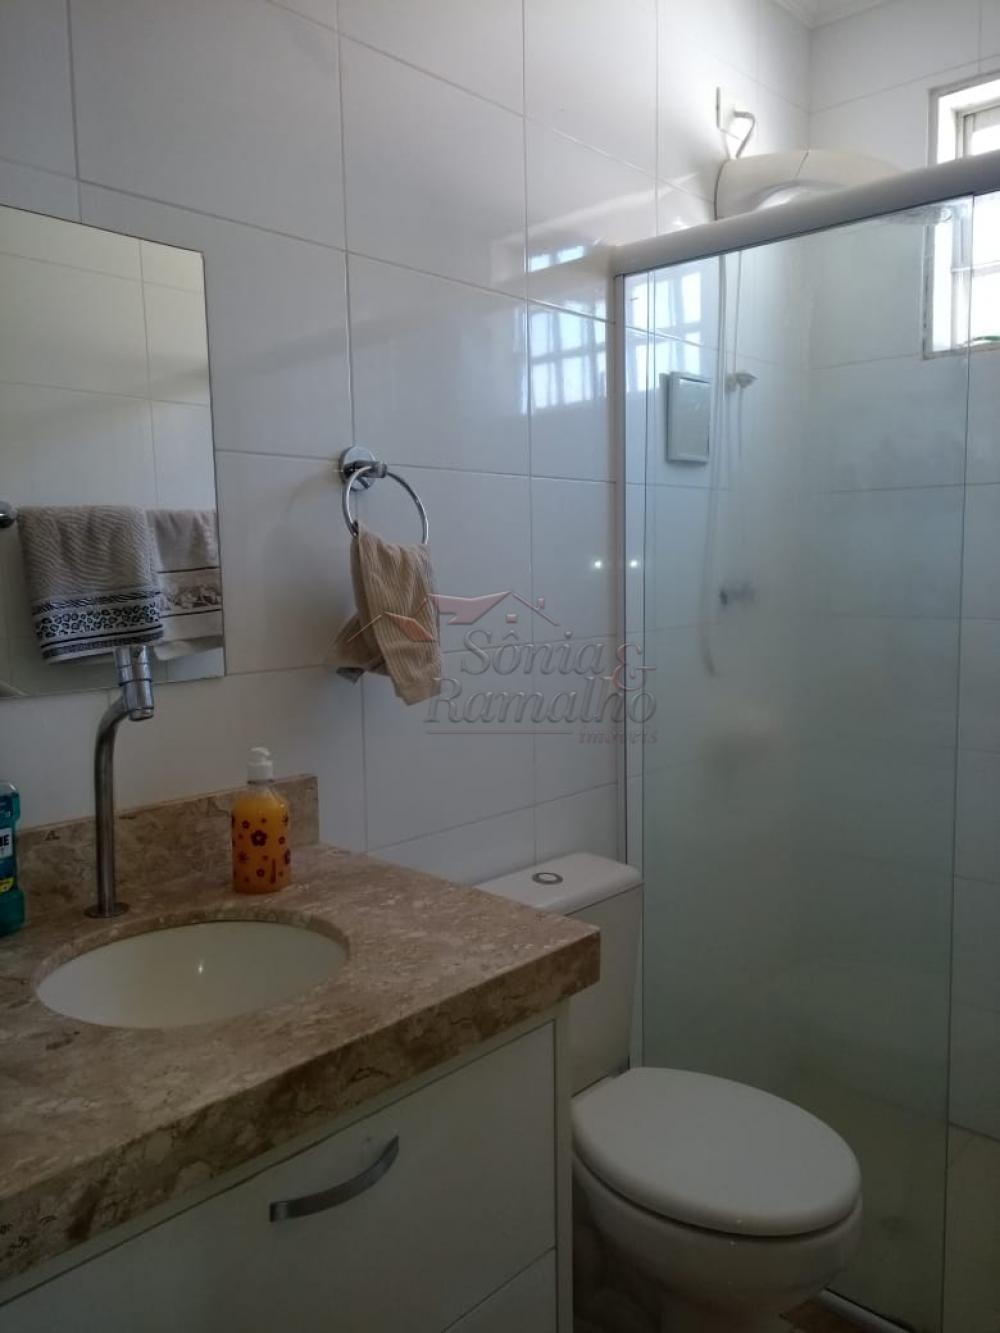 Comprar Casas / Condomínio em Ribeirão Preto apenas R$ 420.000,00 - Foto 4